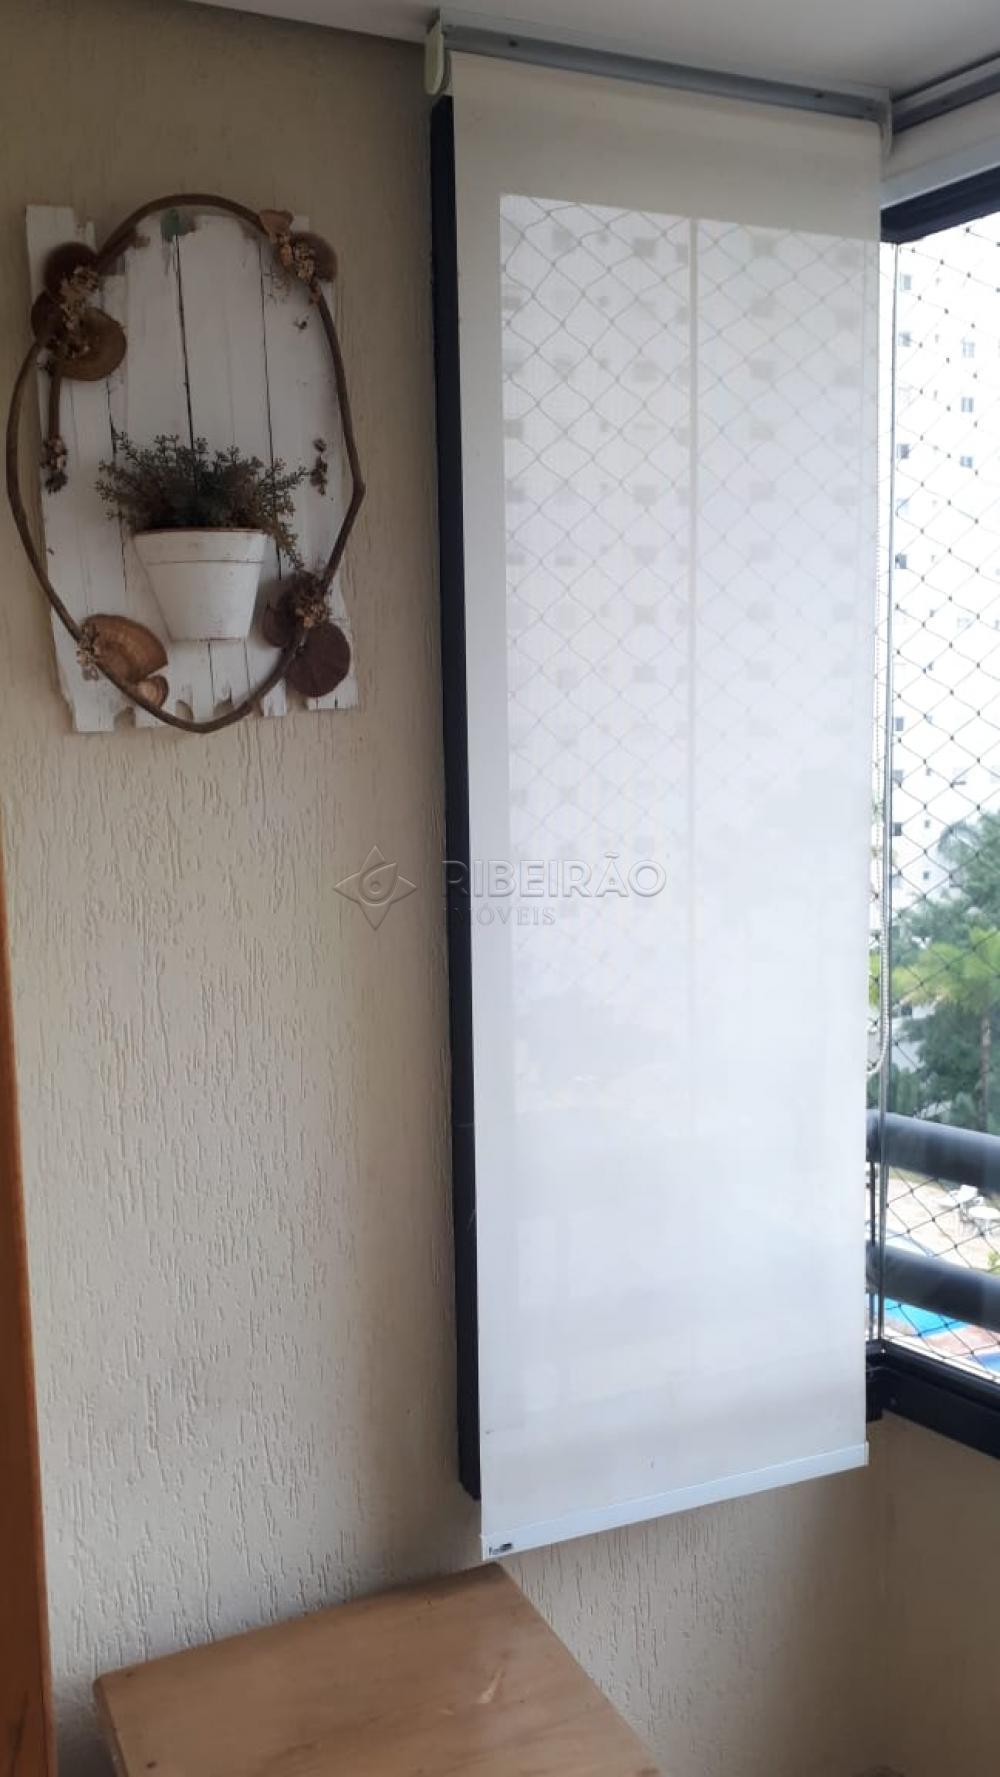 Comprar Apartamento / Padrão em São Paulo R$ 720.000,00 - Foto 17